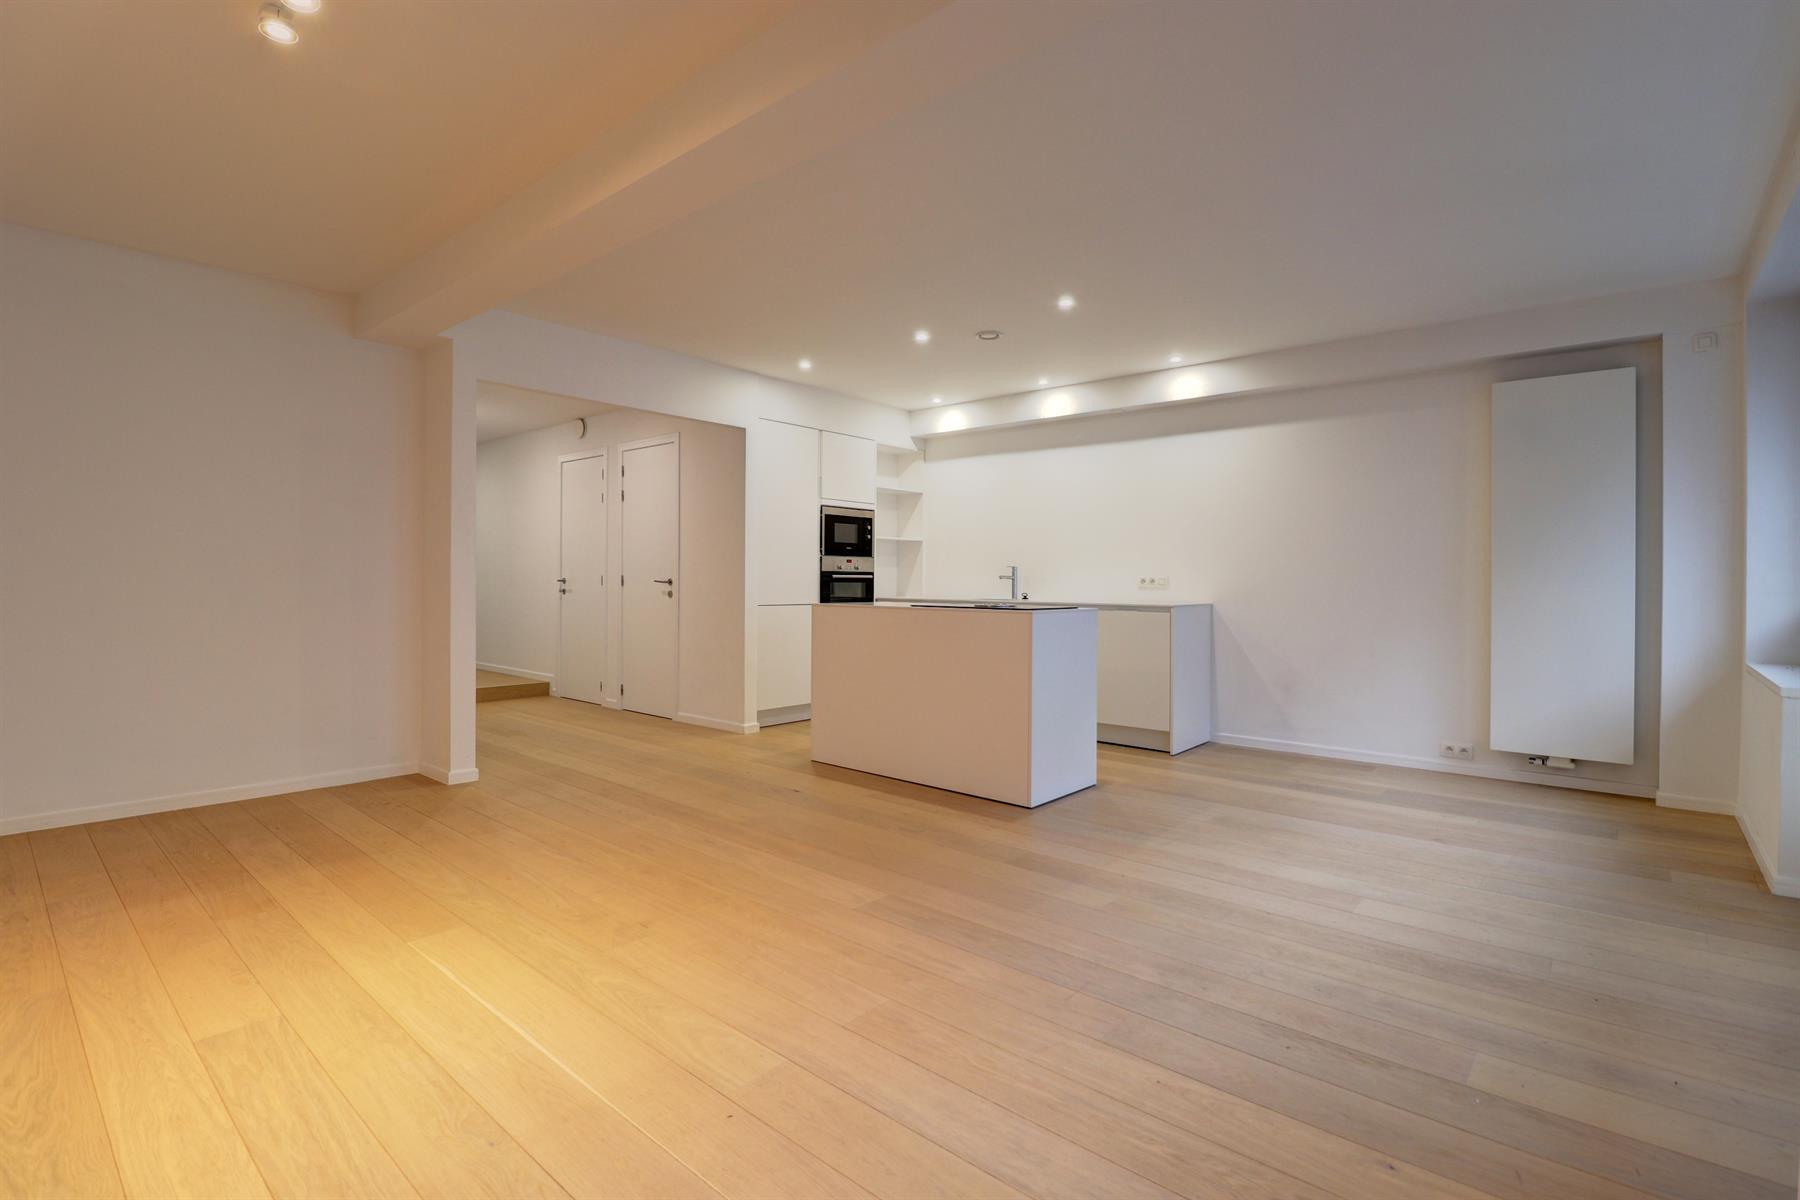 Appartement - Bruxelles - #4264774-26